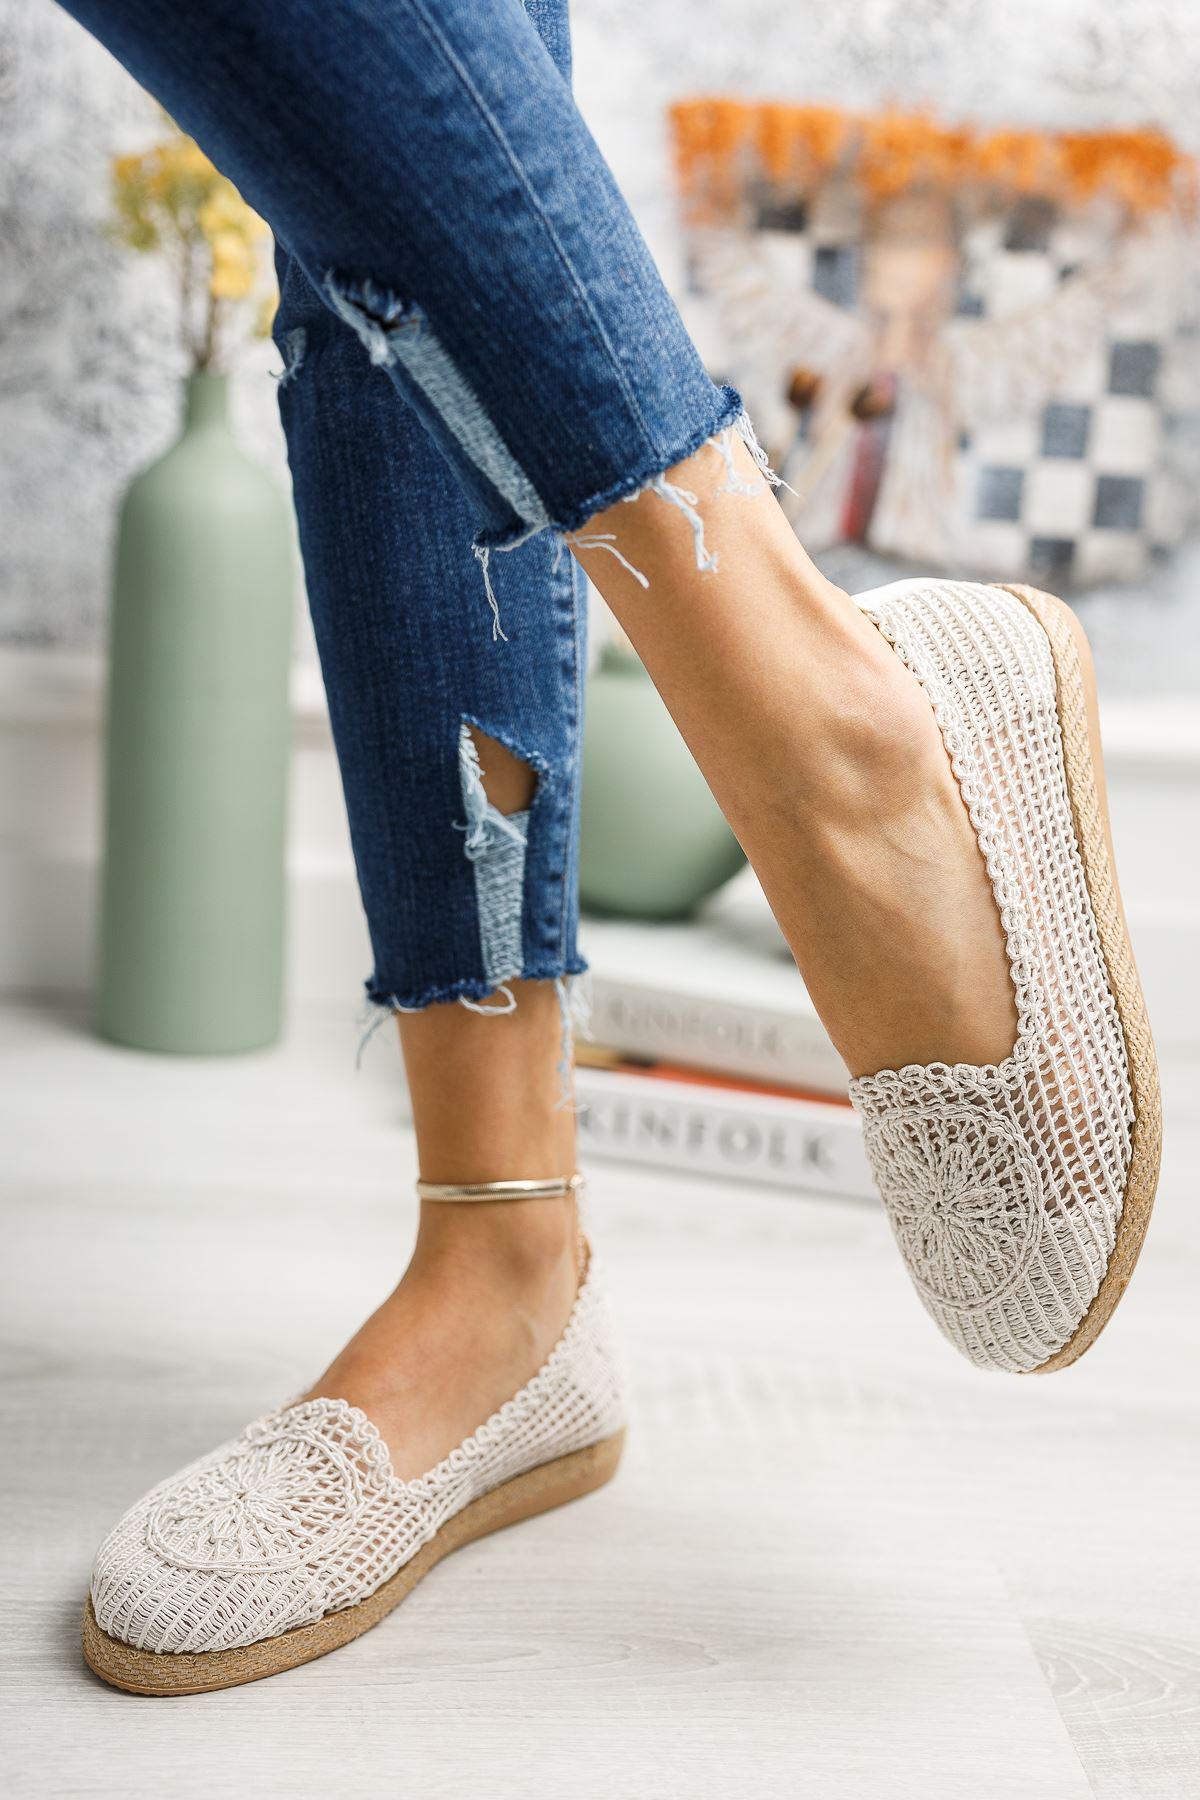 Jut Taban Örgülü Beyaz Ayakkabı